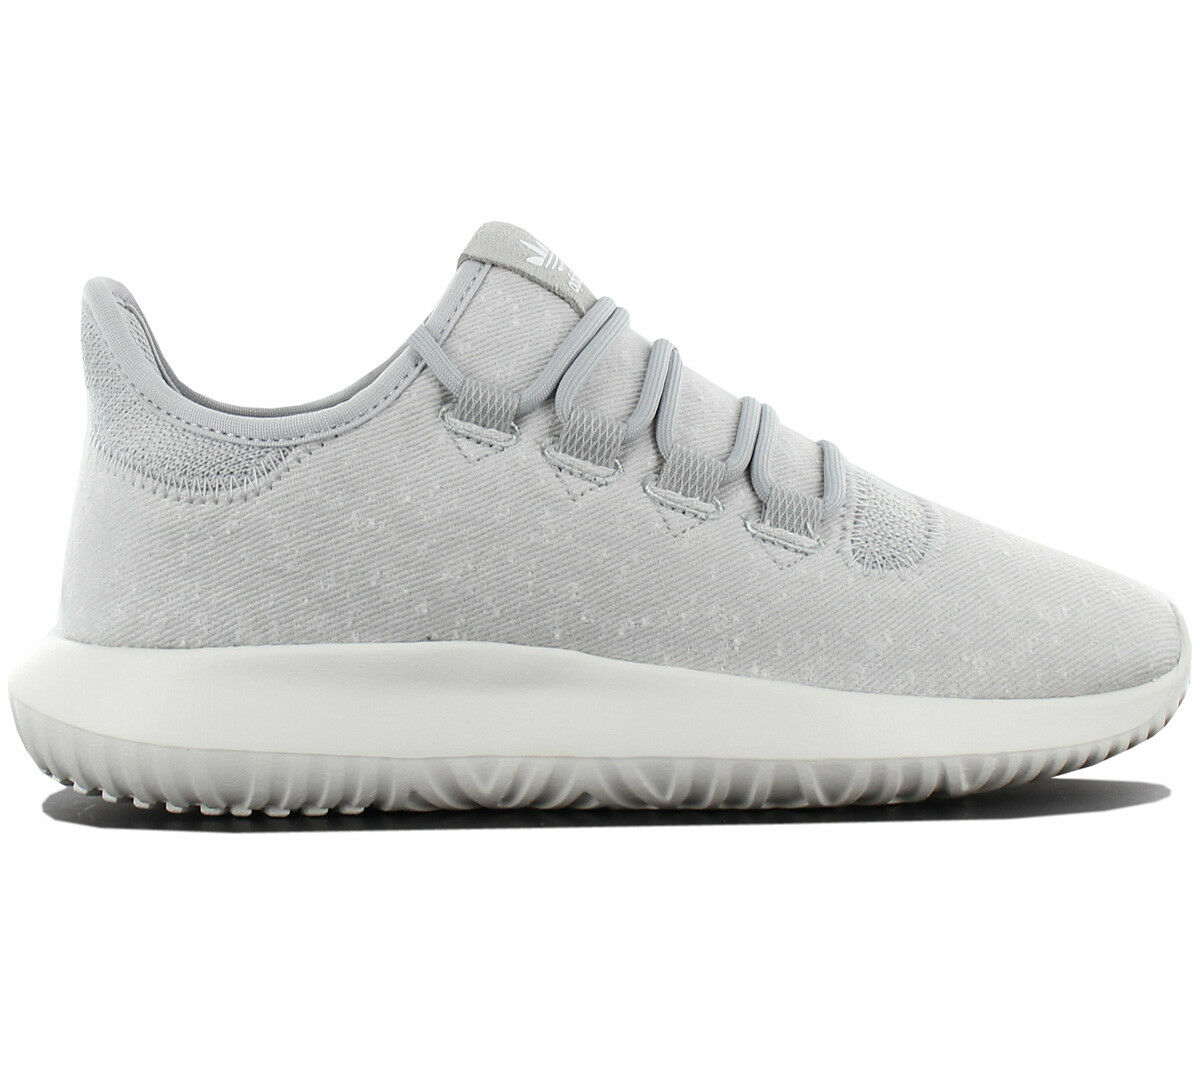 mejor calidad Adidas Originals Tubular Shadow zapatilla zapatilla zapatilla de deporte mujer Girls Trainers Z0333  Con precio barato para obtener la mejor marca.